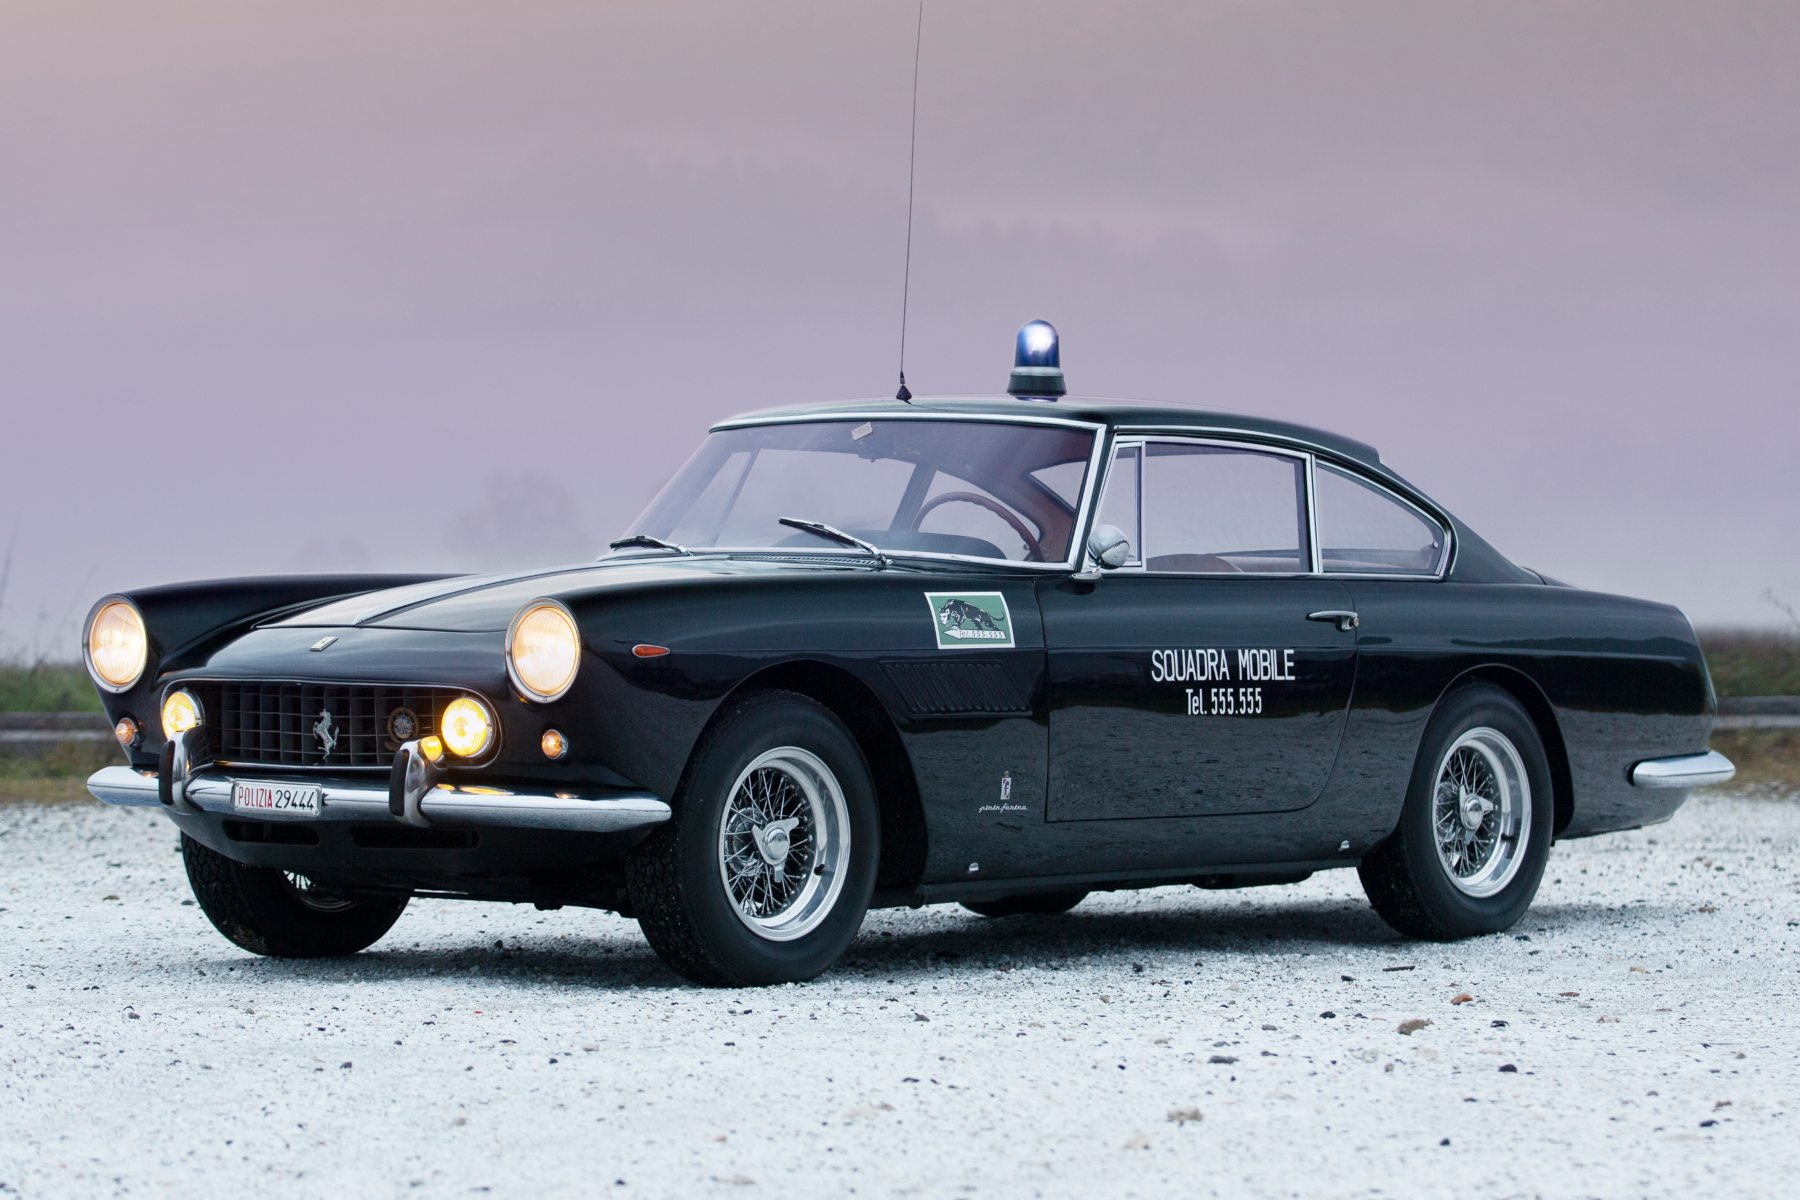 1962 Ferrari 250 GTE Polizia par Tom Gidden pour Girardo and Co